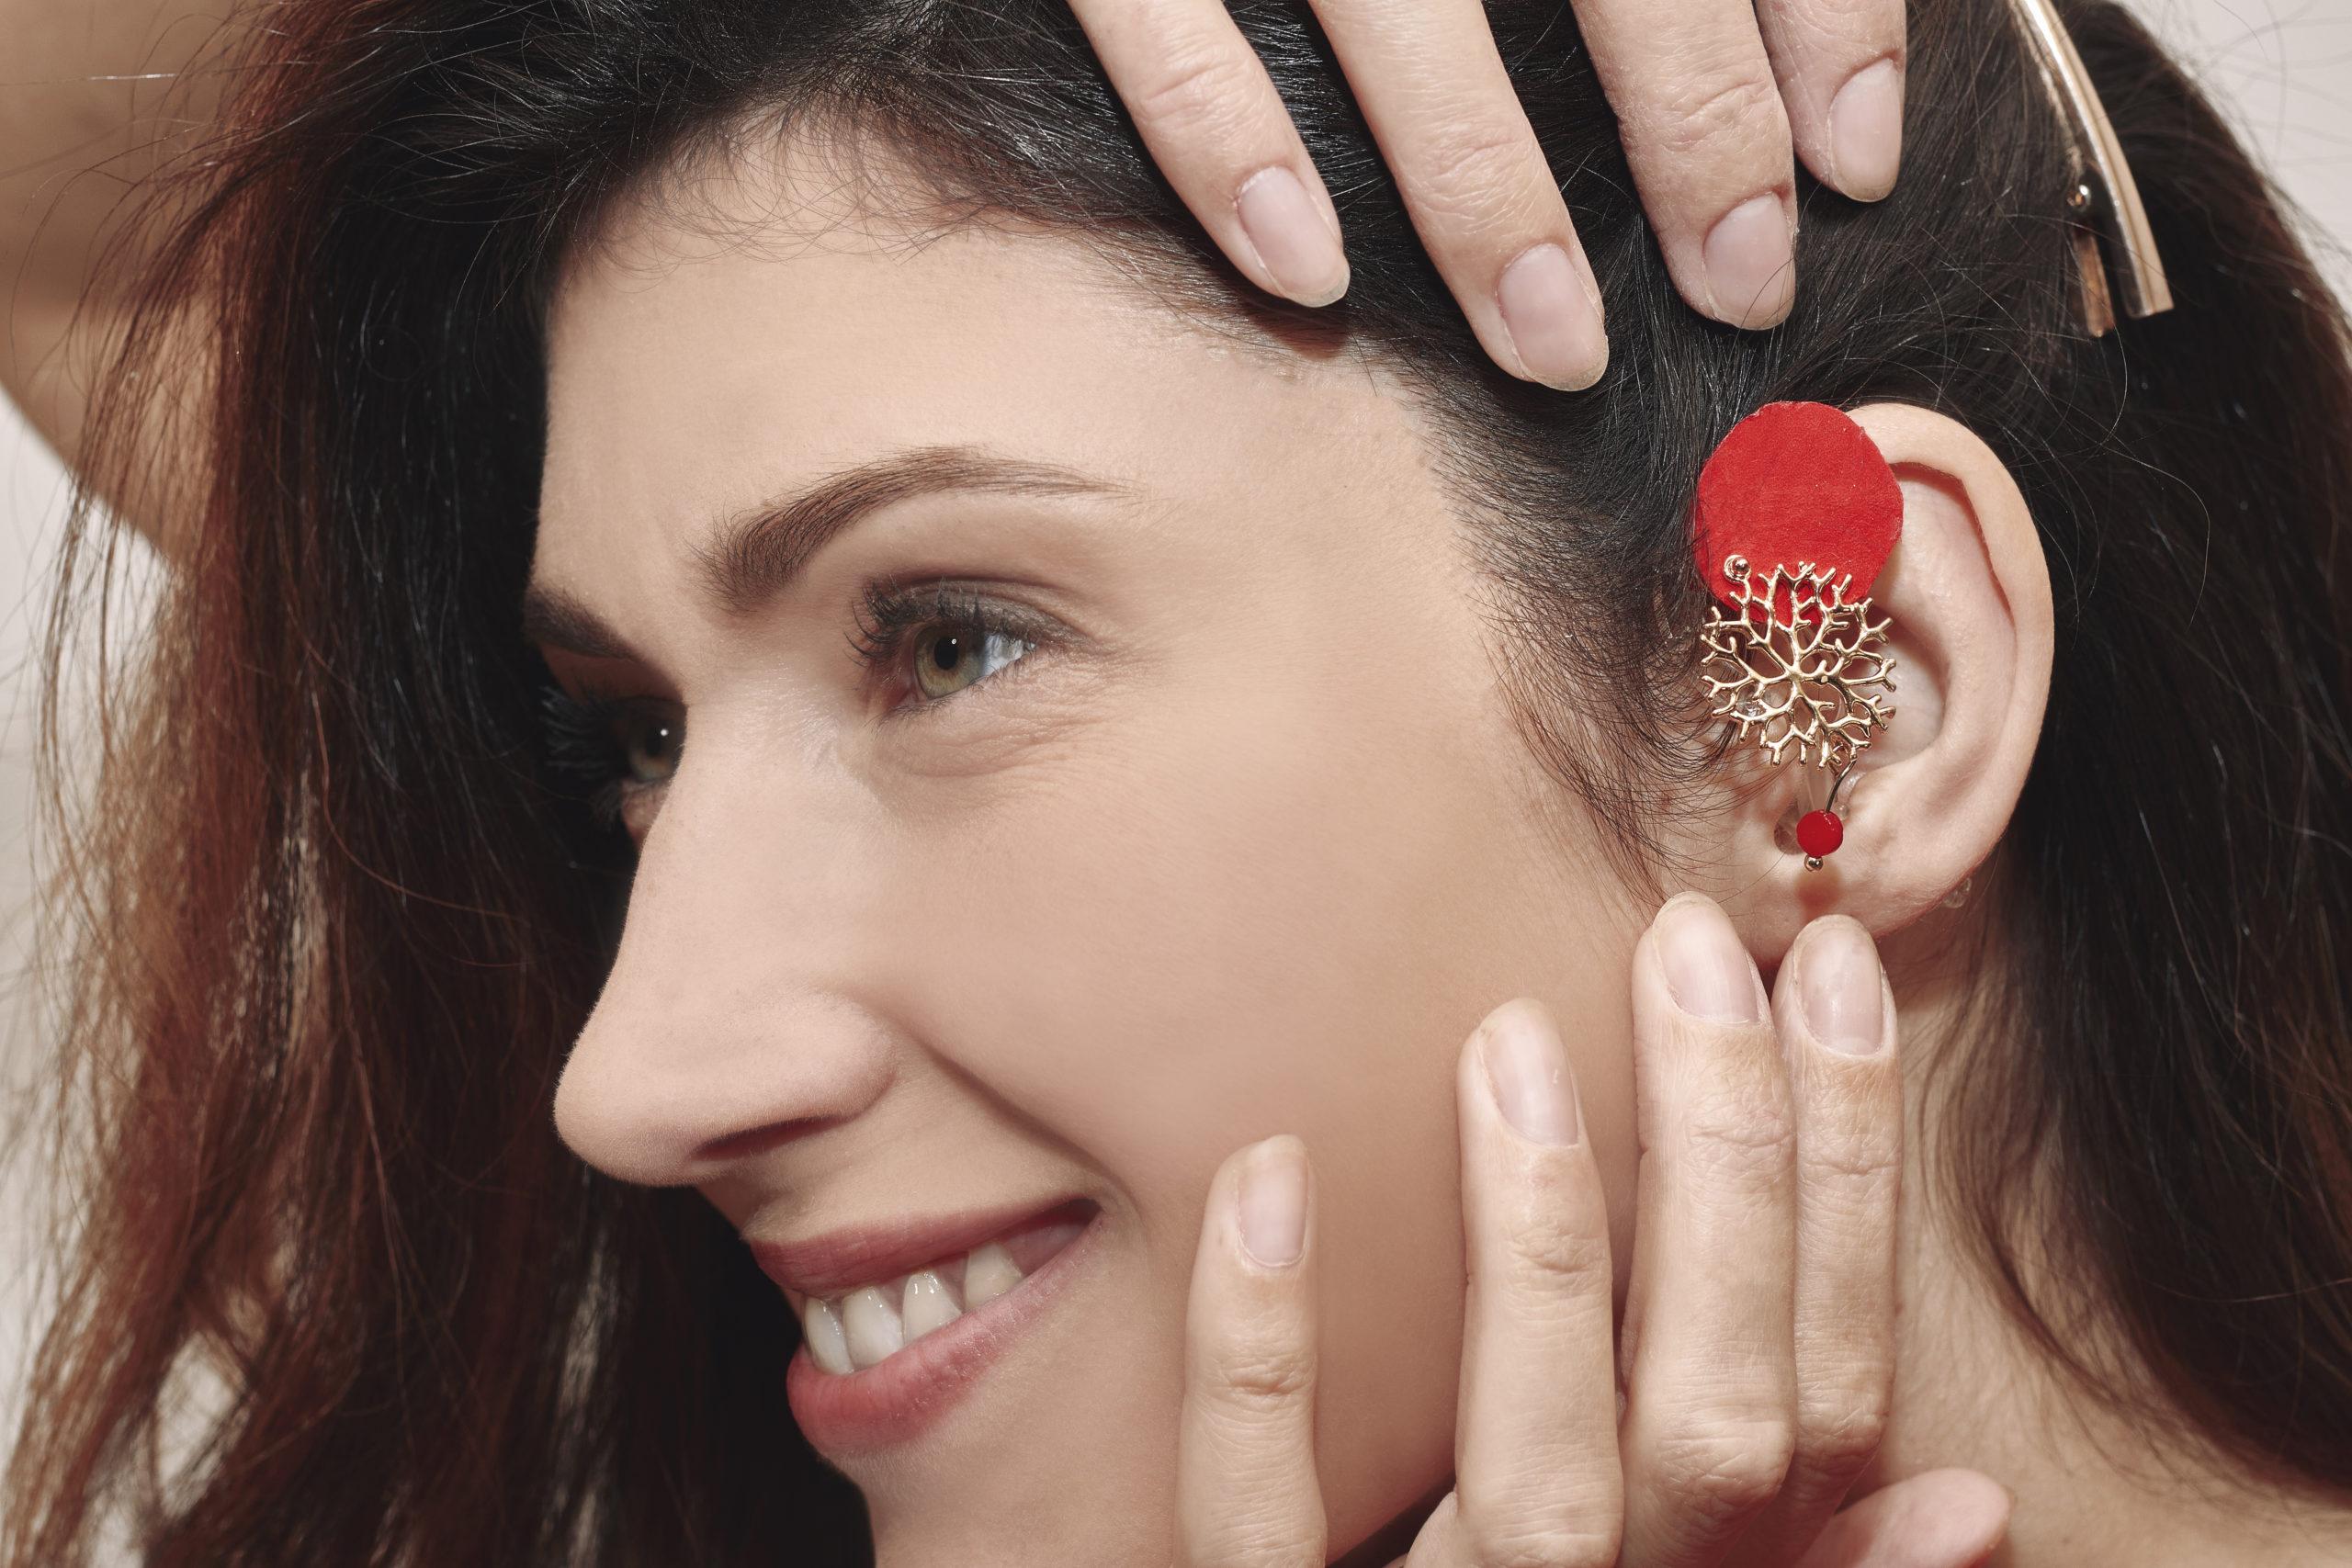 Sophie Vouzelaud, sourde de naissance et première dauphine de miss France porte ici un bijou pour appareil auditif de la marque Odiora